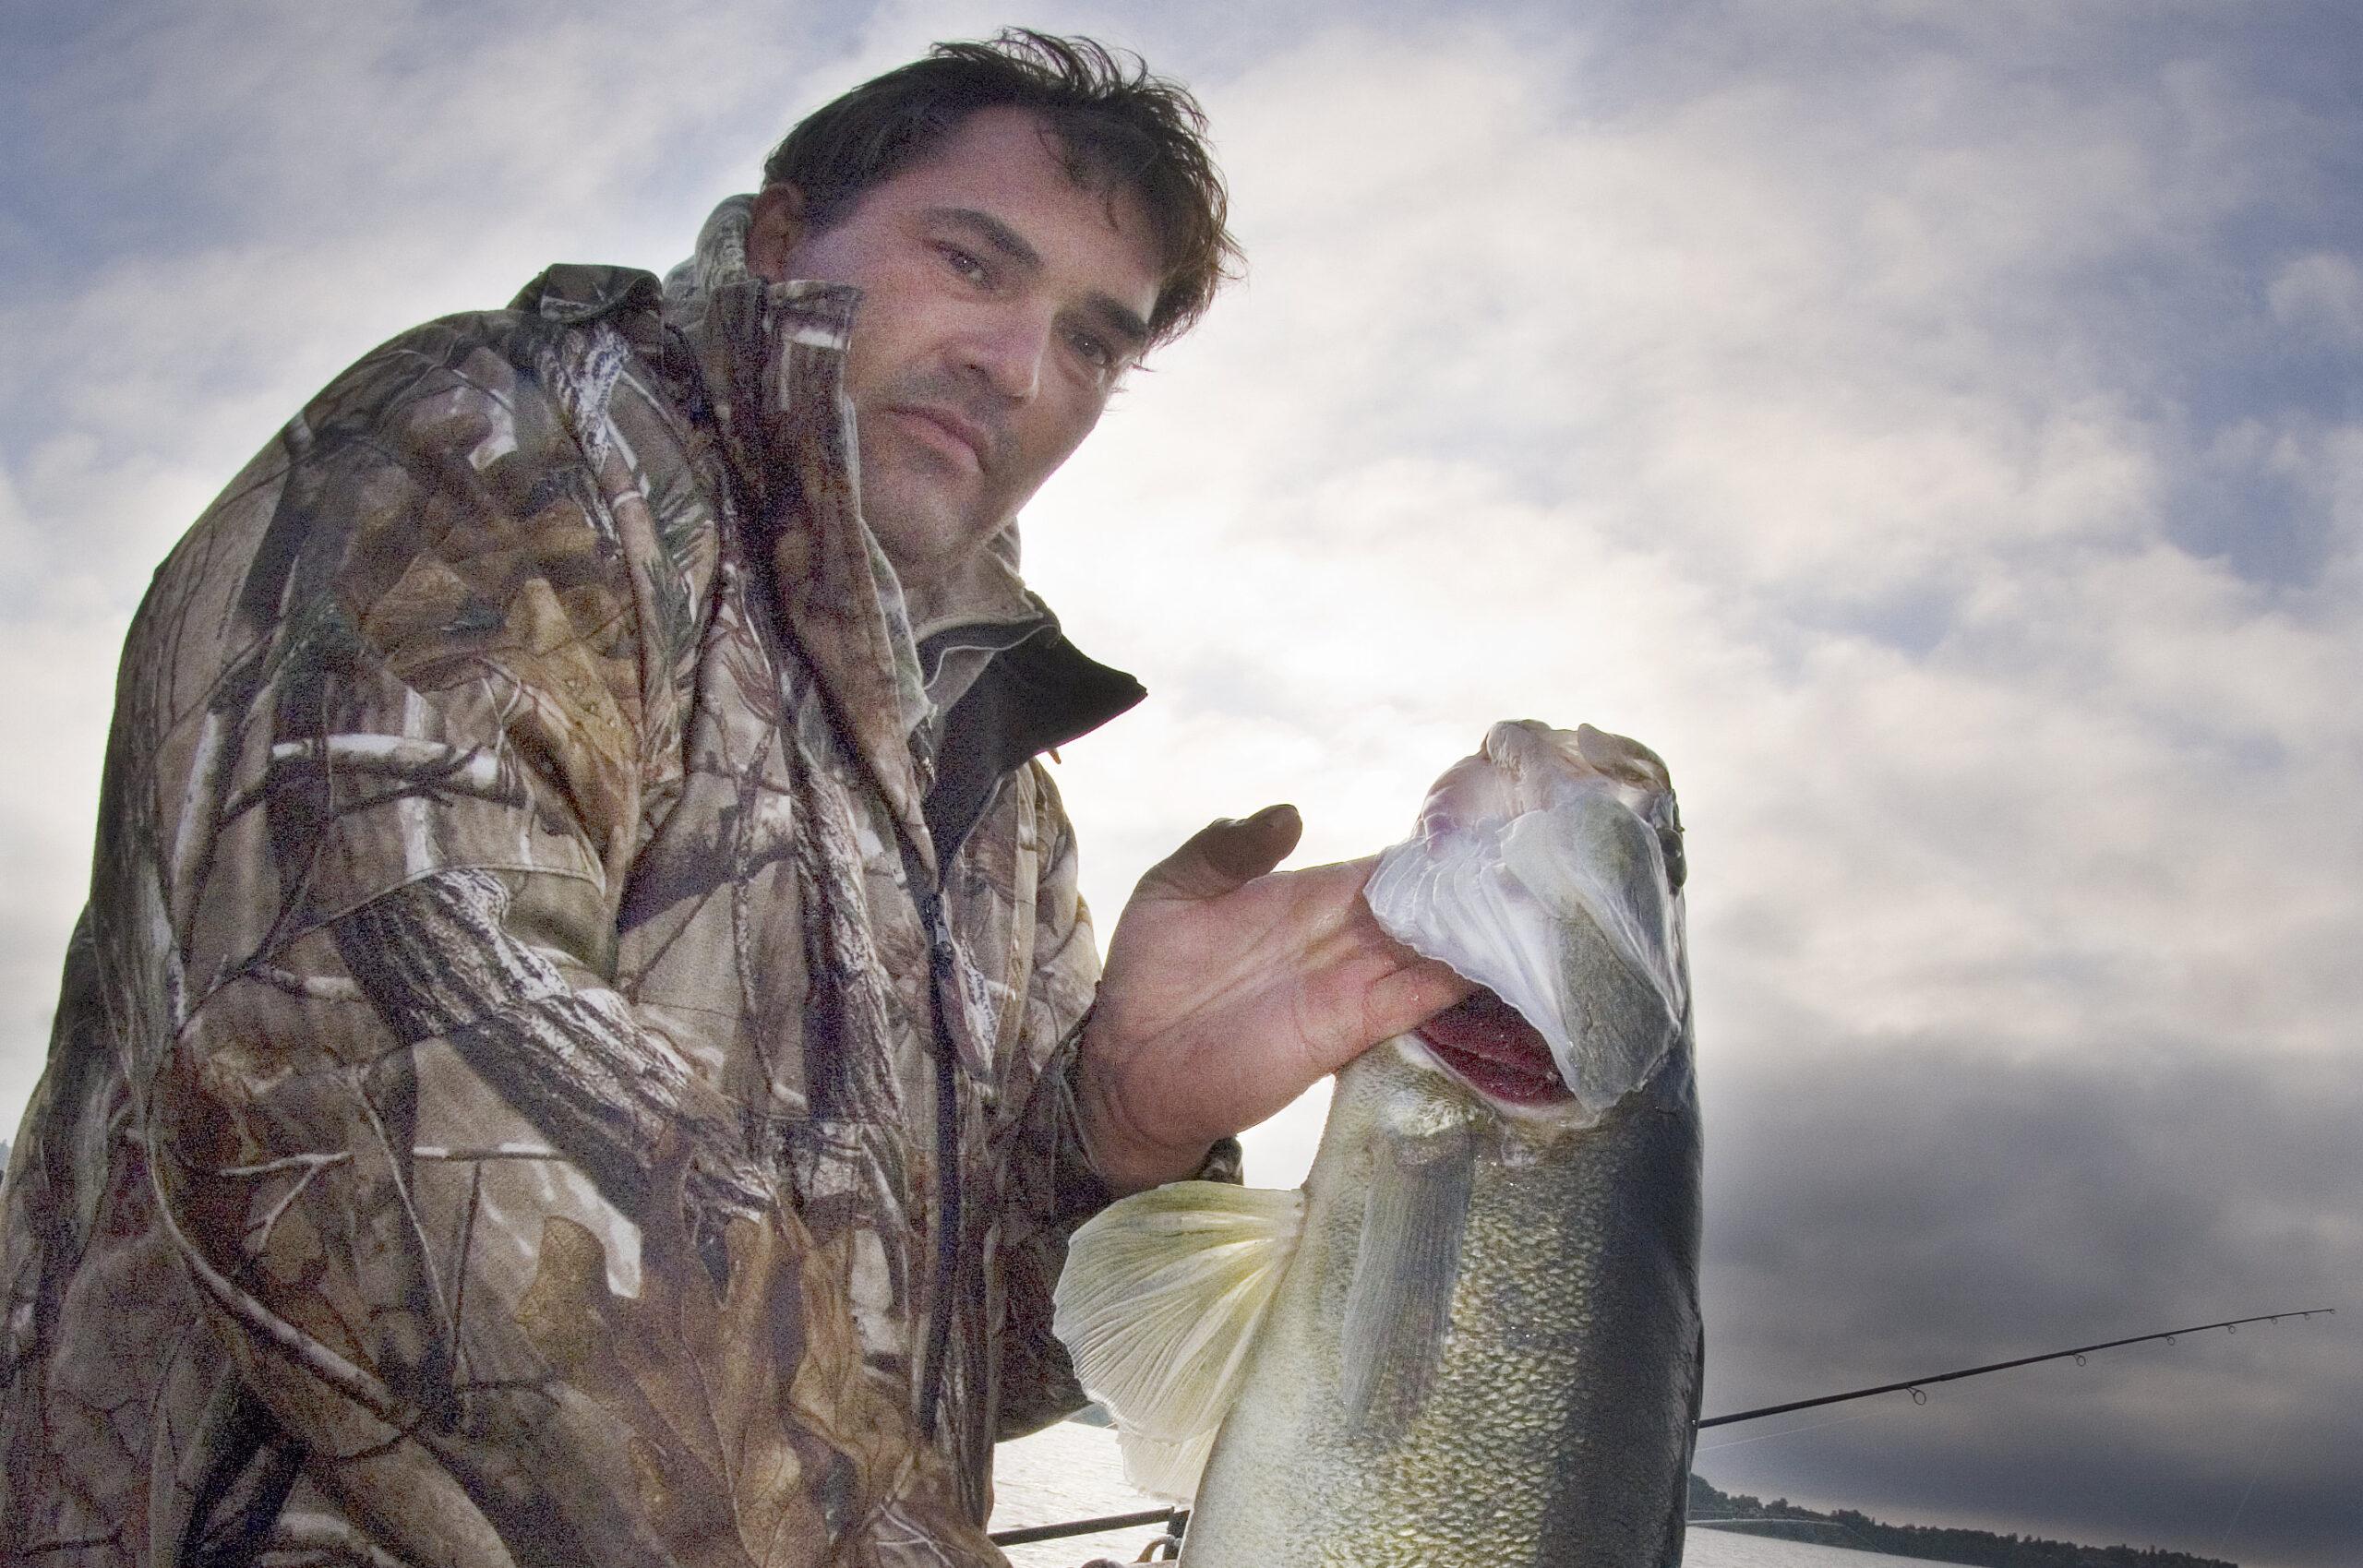 Joe Hochmut var en af landets dygtigste sandartfiskere indtil sin alt for tidlige bortgang for cirka 10 år siden.